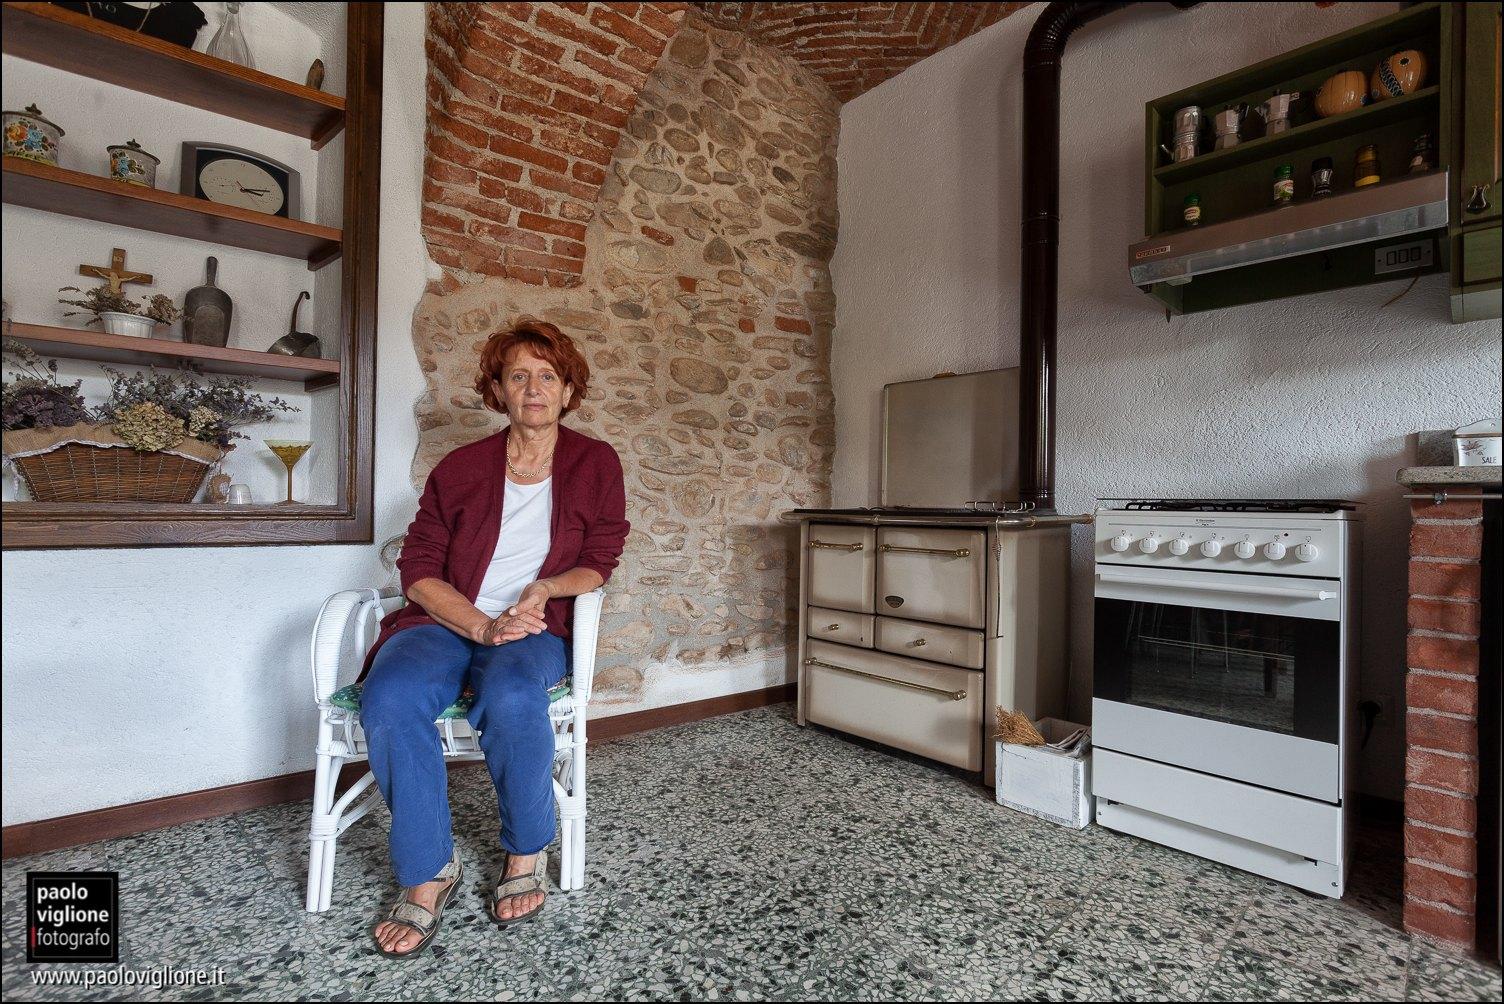 Barbotto Maria Paola, pensionata, Pratavecchia